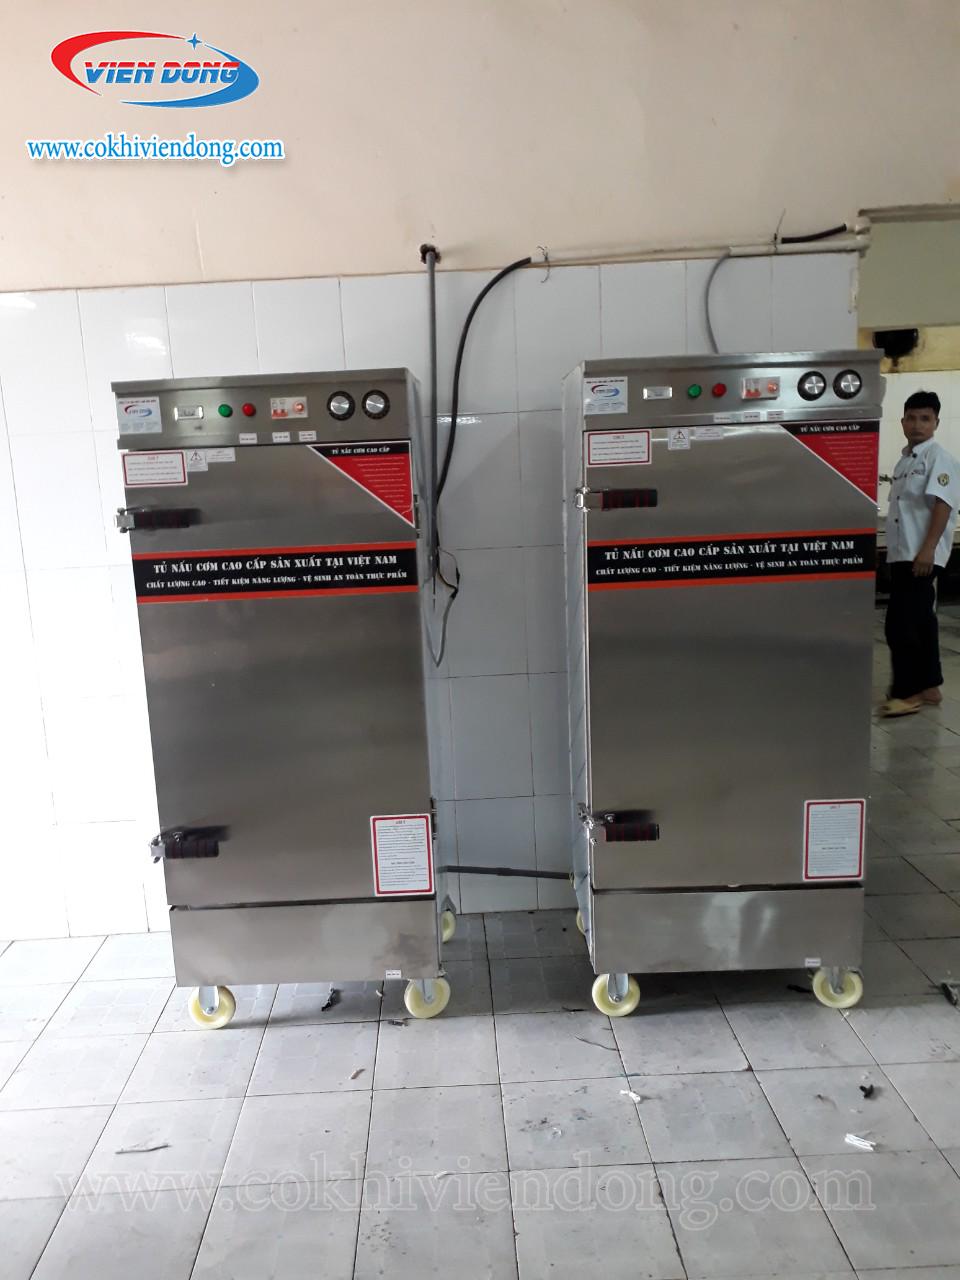 Sử dụng tủ nấu cơm cần thích hợp với nguồn điện